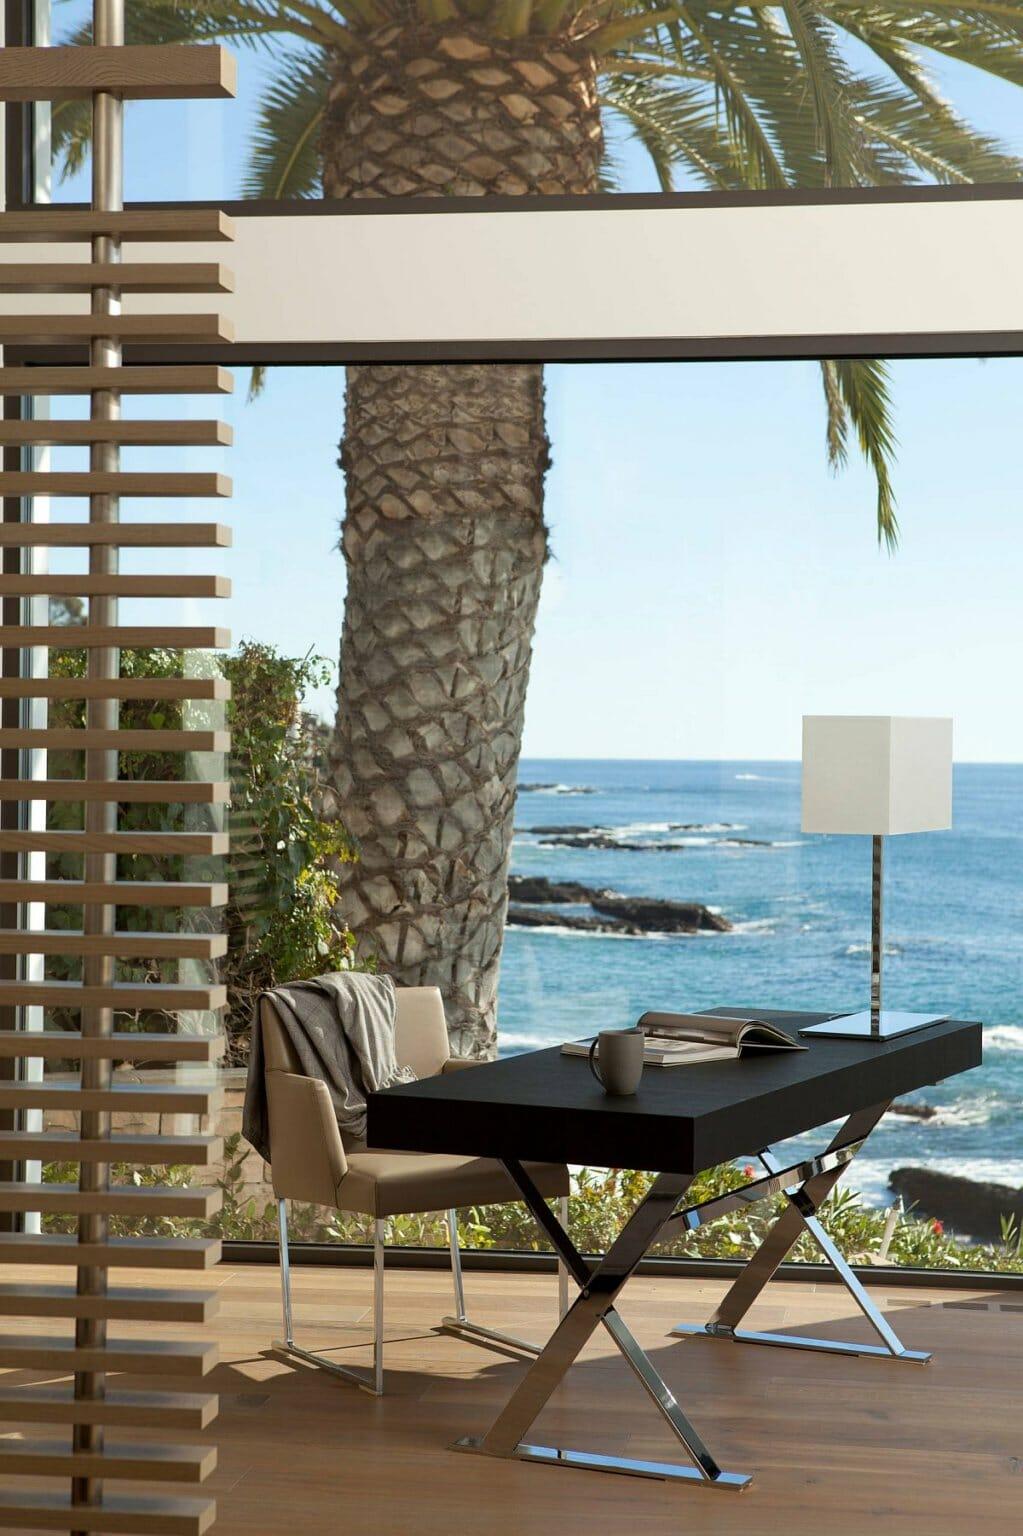 Văn phòng tại nhà với tầm nhìn ngoạn mục ra đại dương thu hút sự chú ý.